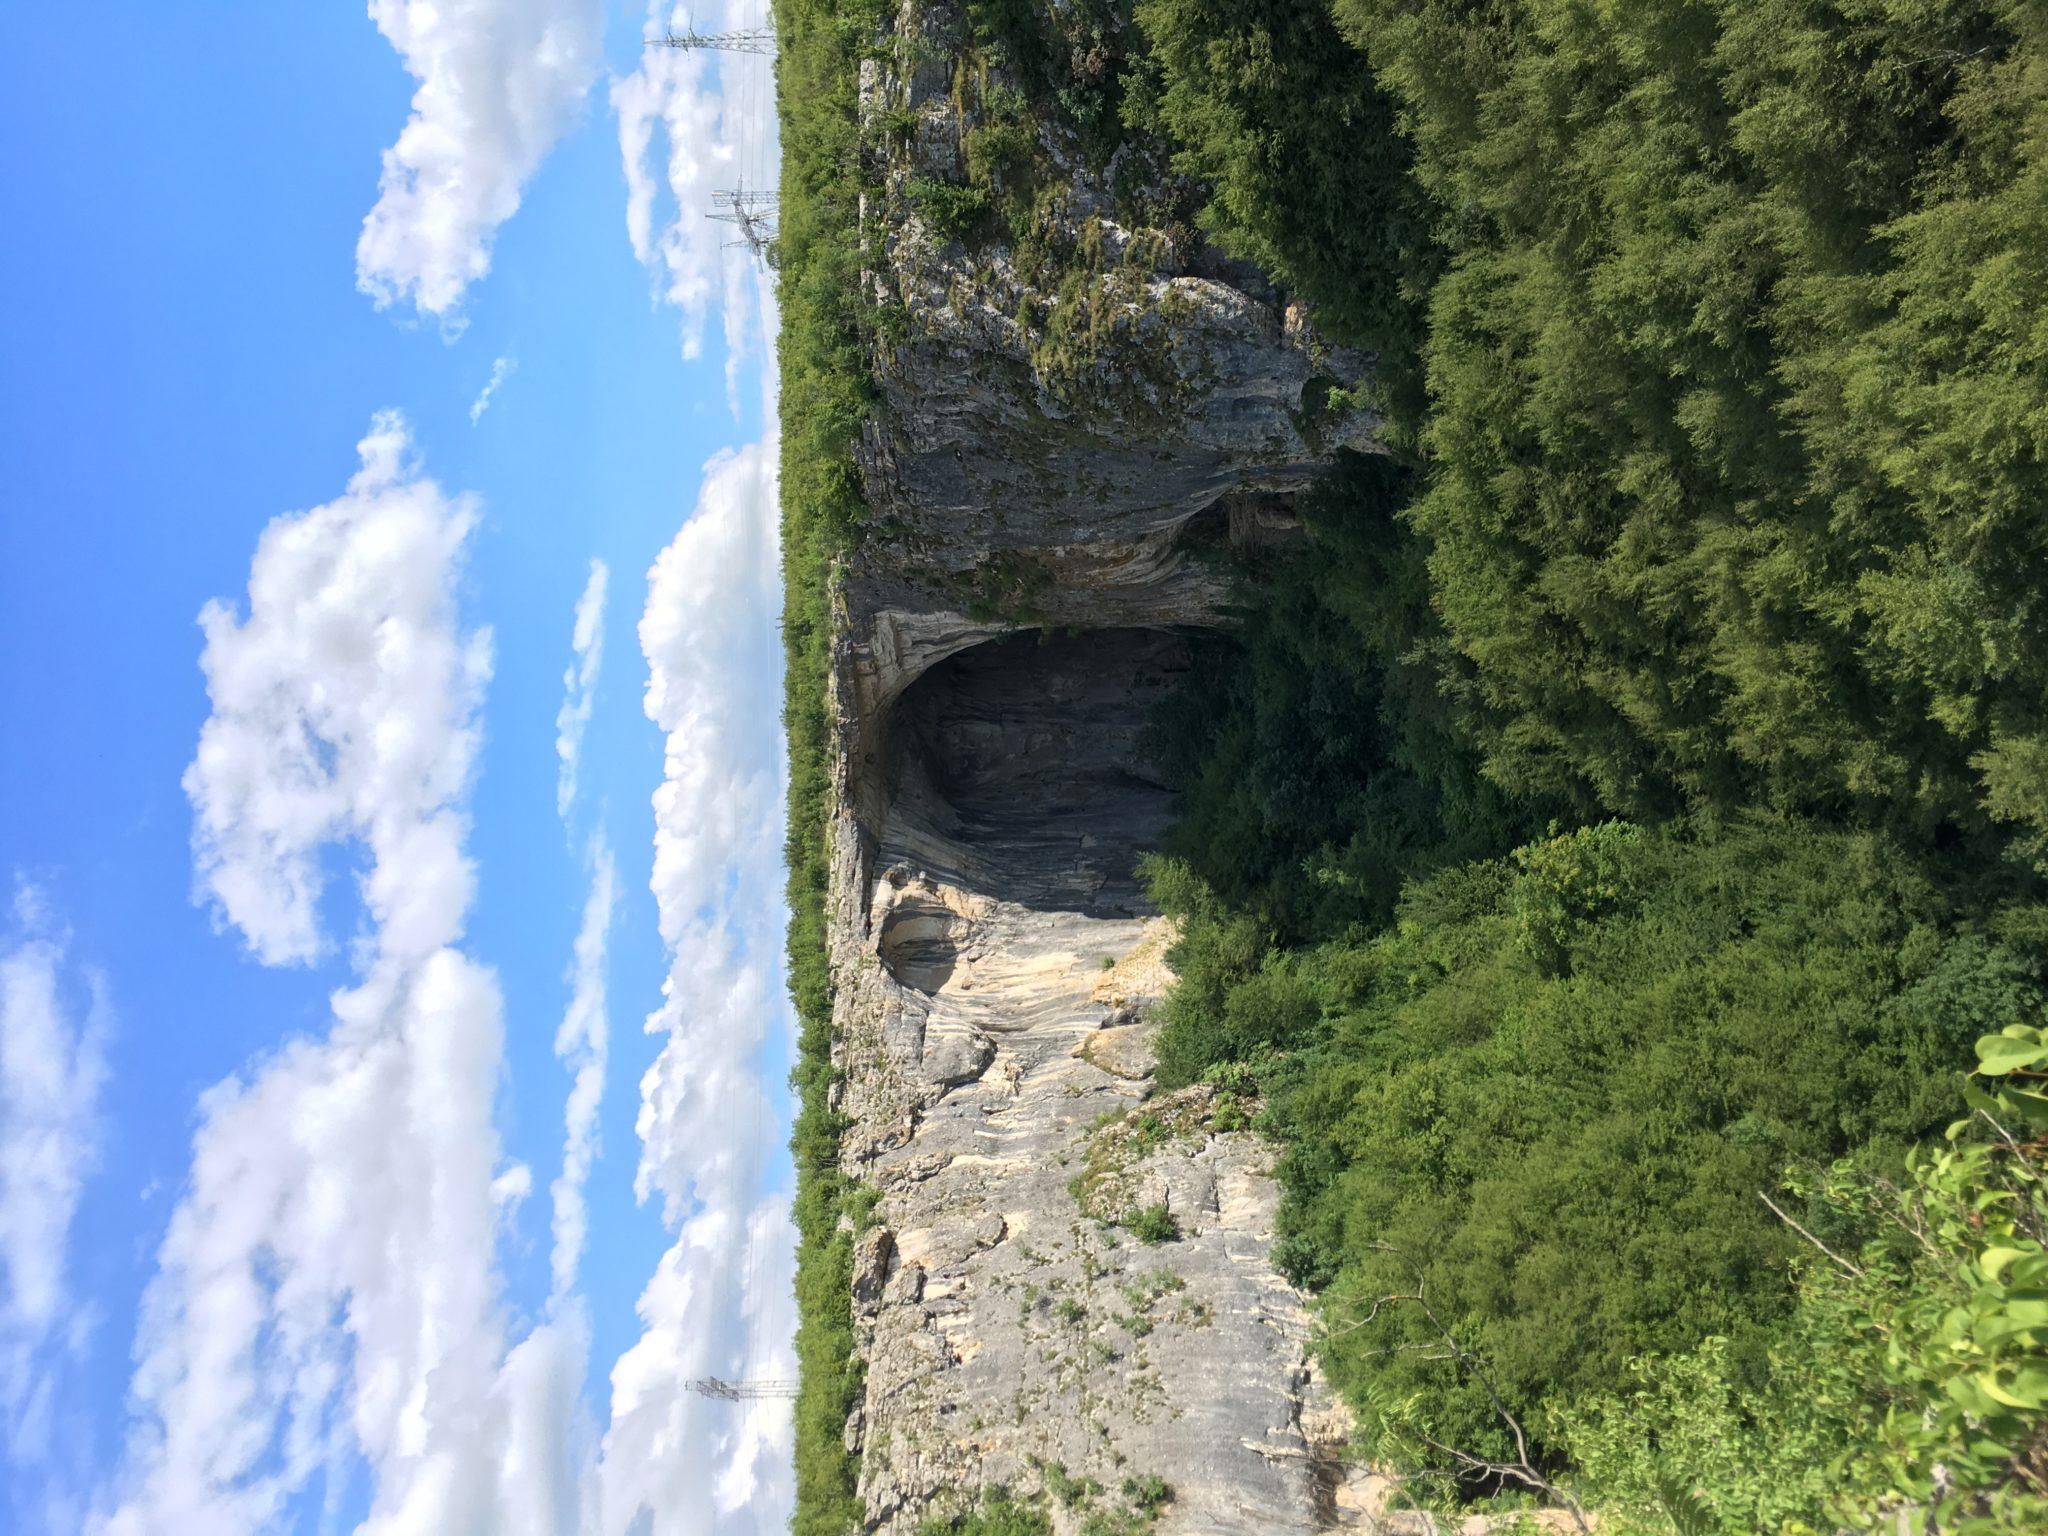 Пещера Проходна, Очи бога, Болгария